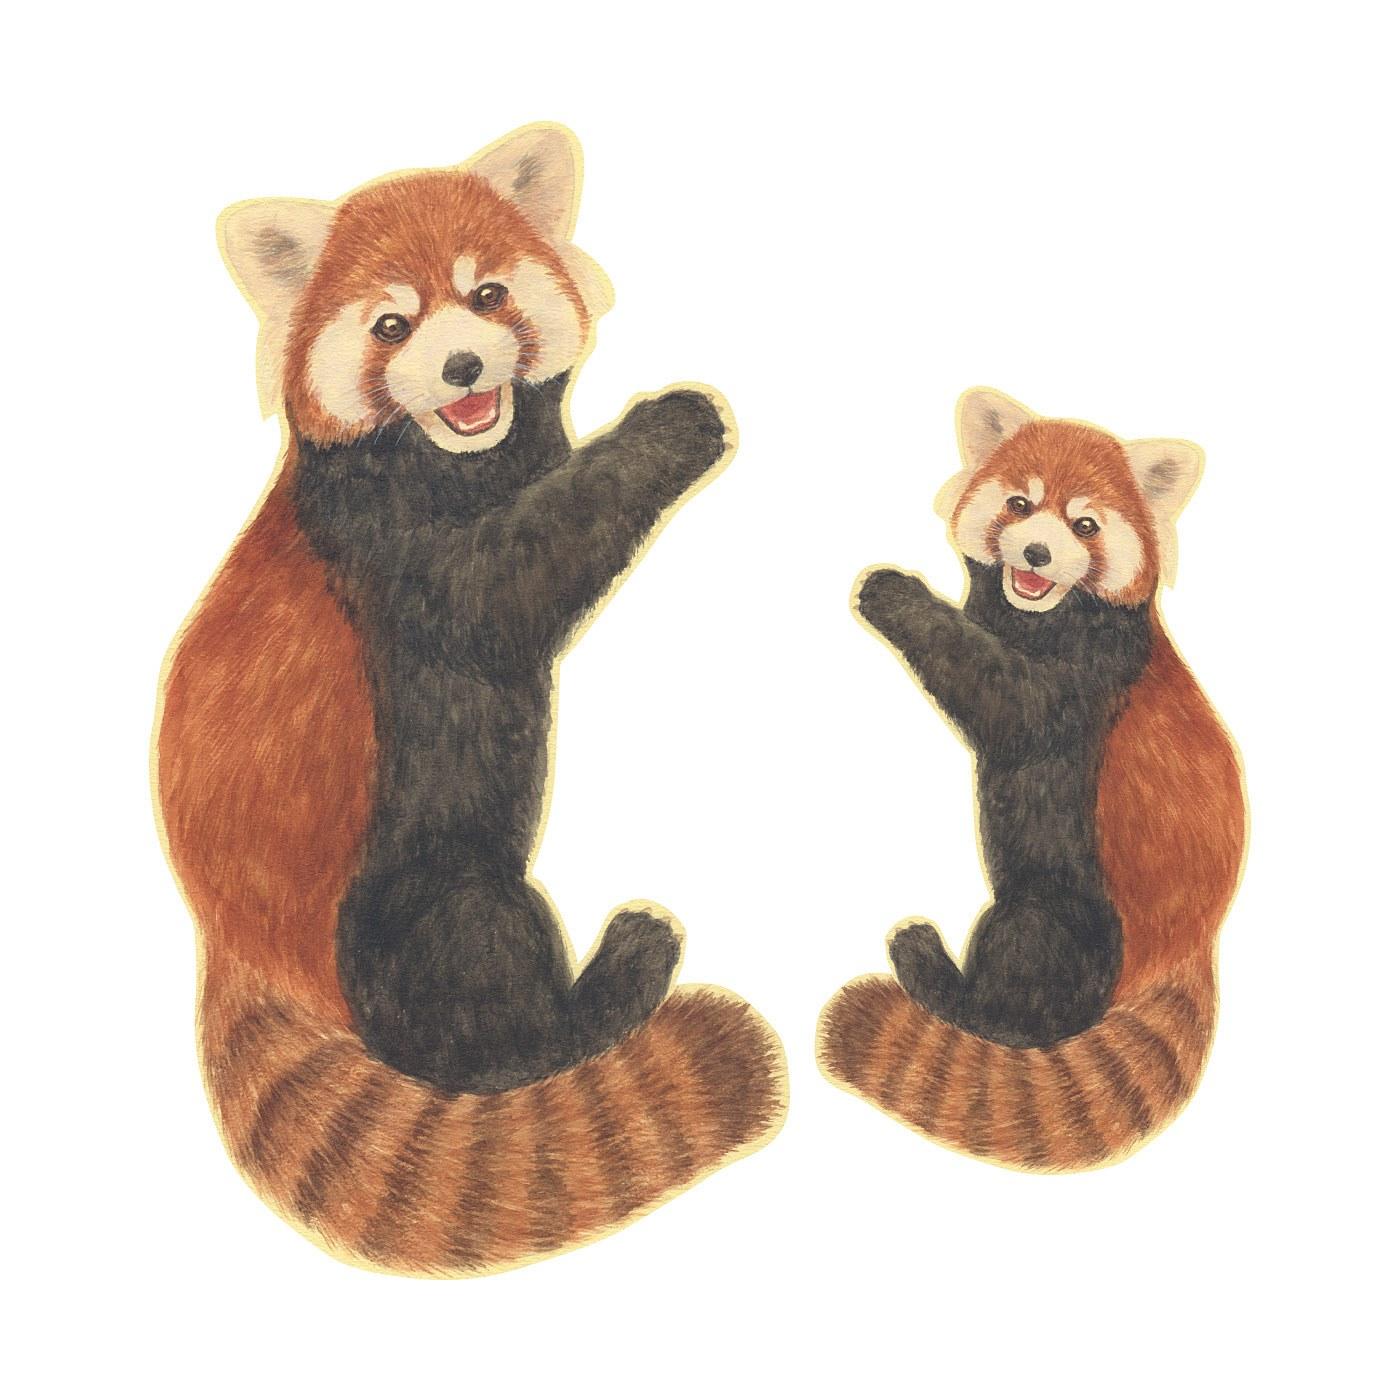 〈レッサーパンダ〉 ●大小セットでお届けです。